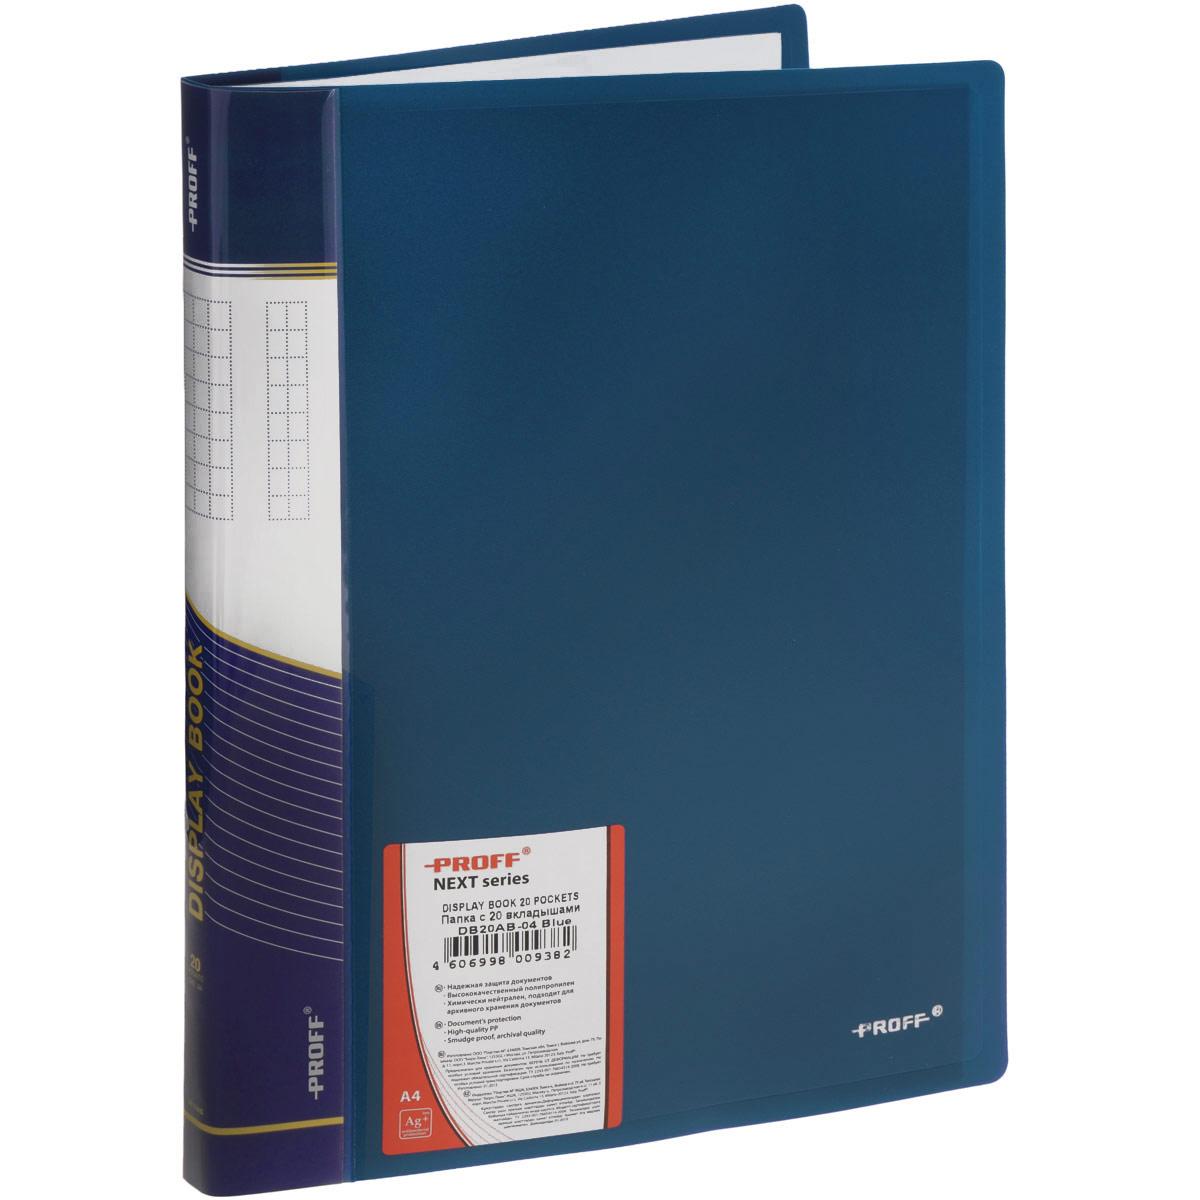 Proff Папка с файлами Next 20 листов цвет синийDB20AB-04Папка с файлами Proff Next - это удобный и практичный офисный инструмент, предназначенный для хранения и транспортировки рабочих бумаг и документов формата А4.Обложка выполнена из плотного полипропилена. Папка включает в себя 20 прозрачных файлов формата А4.Папка с файлами - это незаменимый атрибут для студента, школьника, офисного работника. Такая папка надежно сохранит ваши документы и сбережет их от повреждений, пыли и влаги.